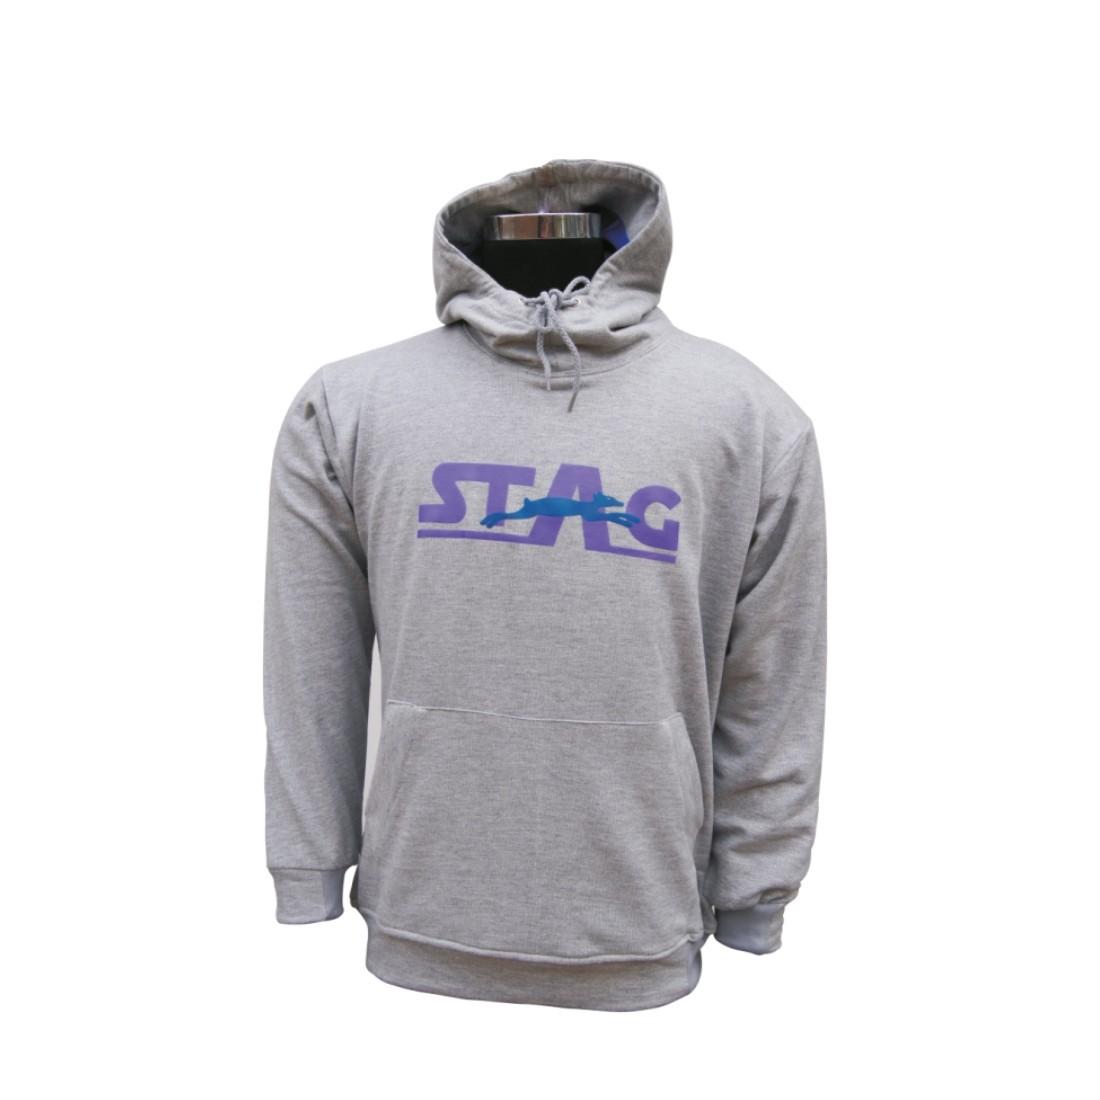 STAG HOODIES